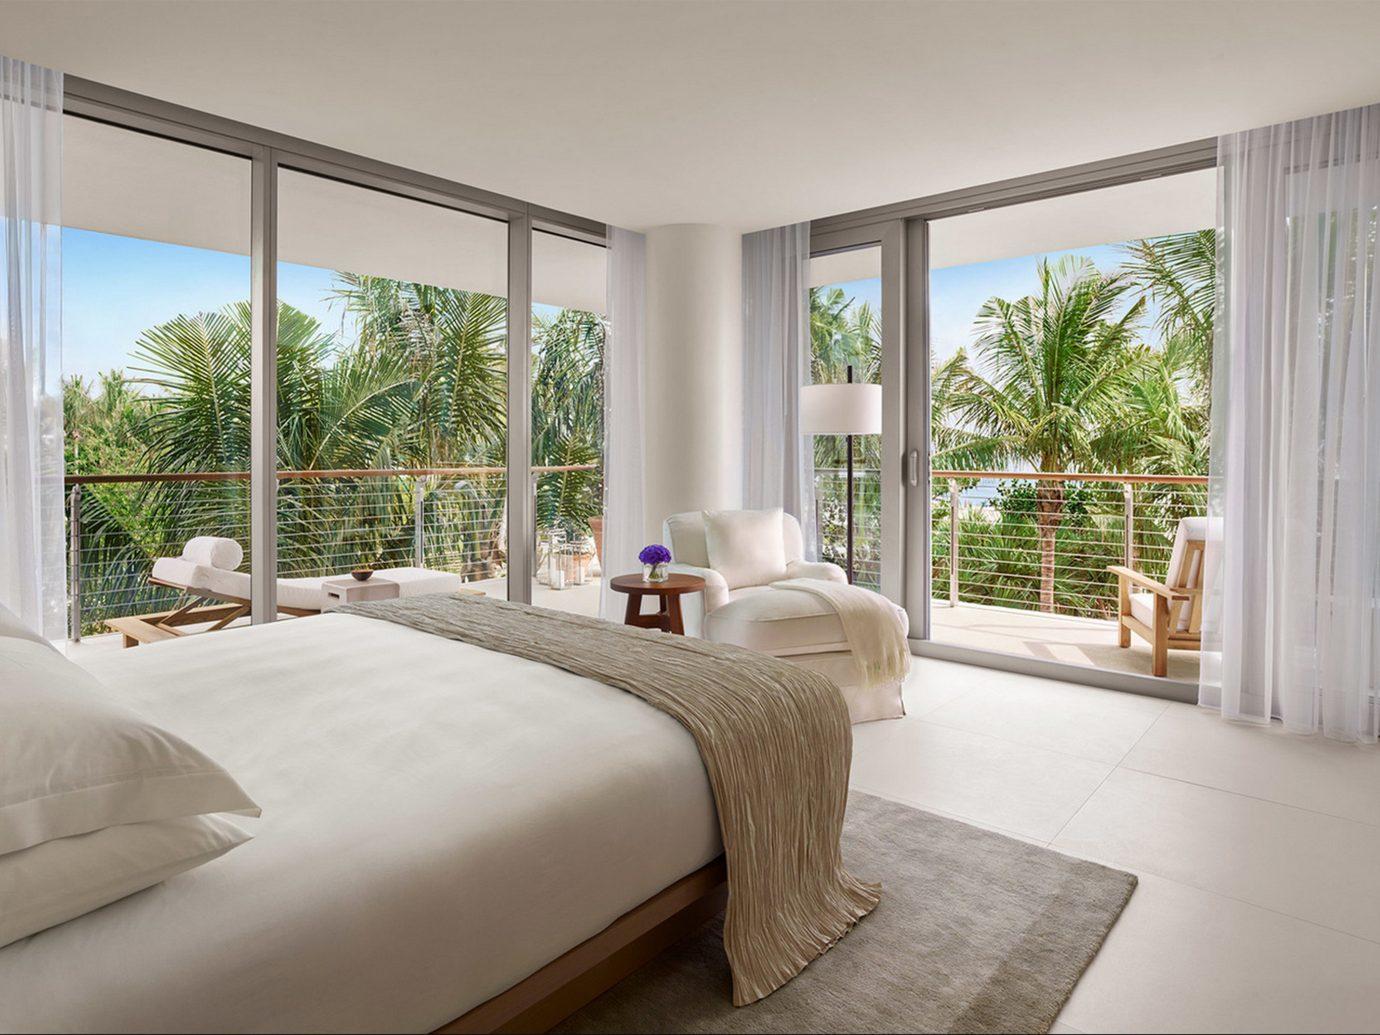 Bedroom in The Miami Beach EDITION - Miami Hotel